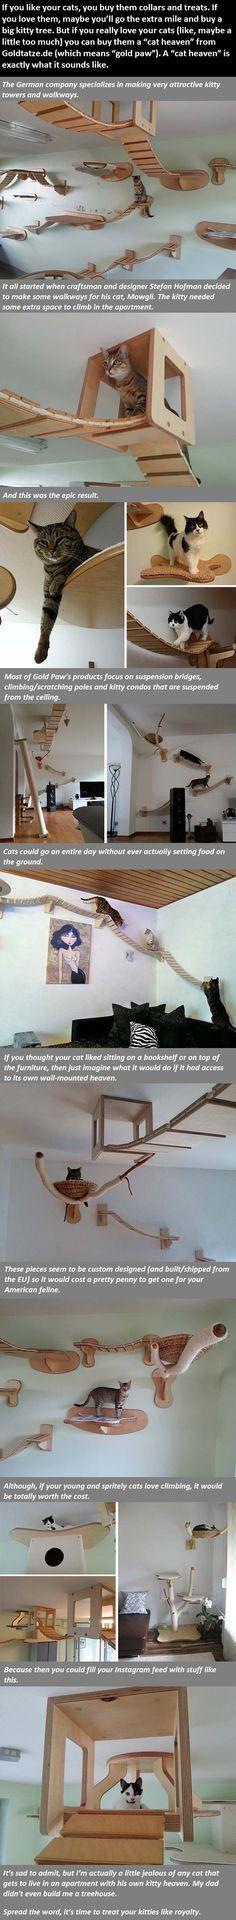 Vous pouvez faire vous-même cette Installation d'arbre à chats. Indispensable pour les chats d'appartement dont des études concordantes démontrent qu'un CHAT SOLITAIRE en APPARTEMENT a tendance à DEPRIMER et GROSSIR.